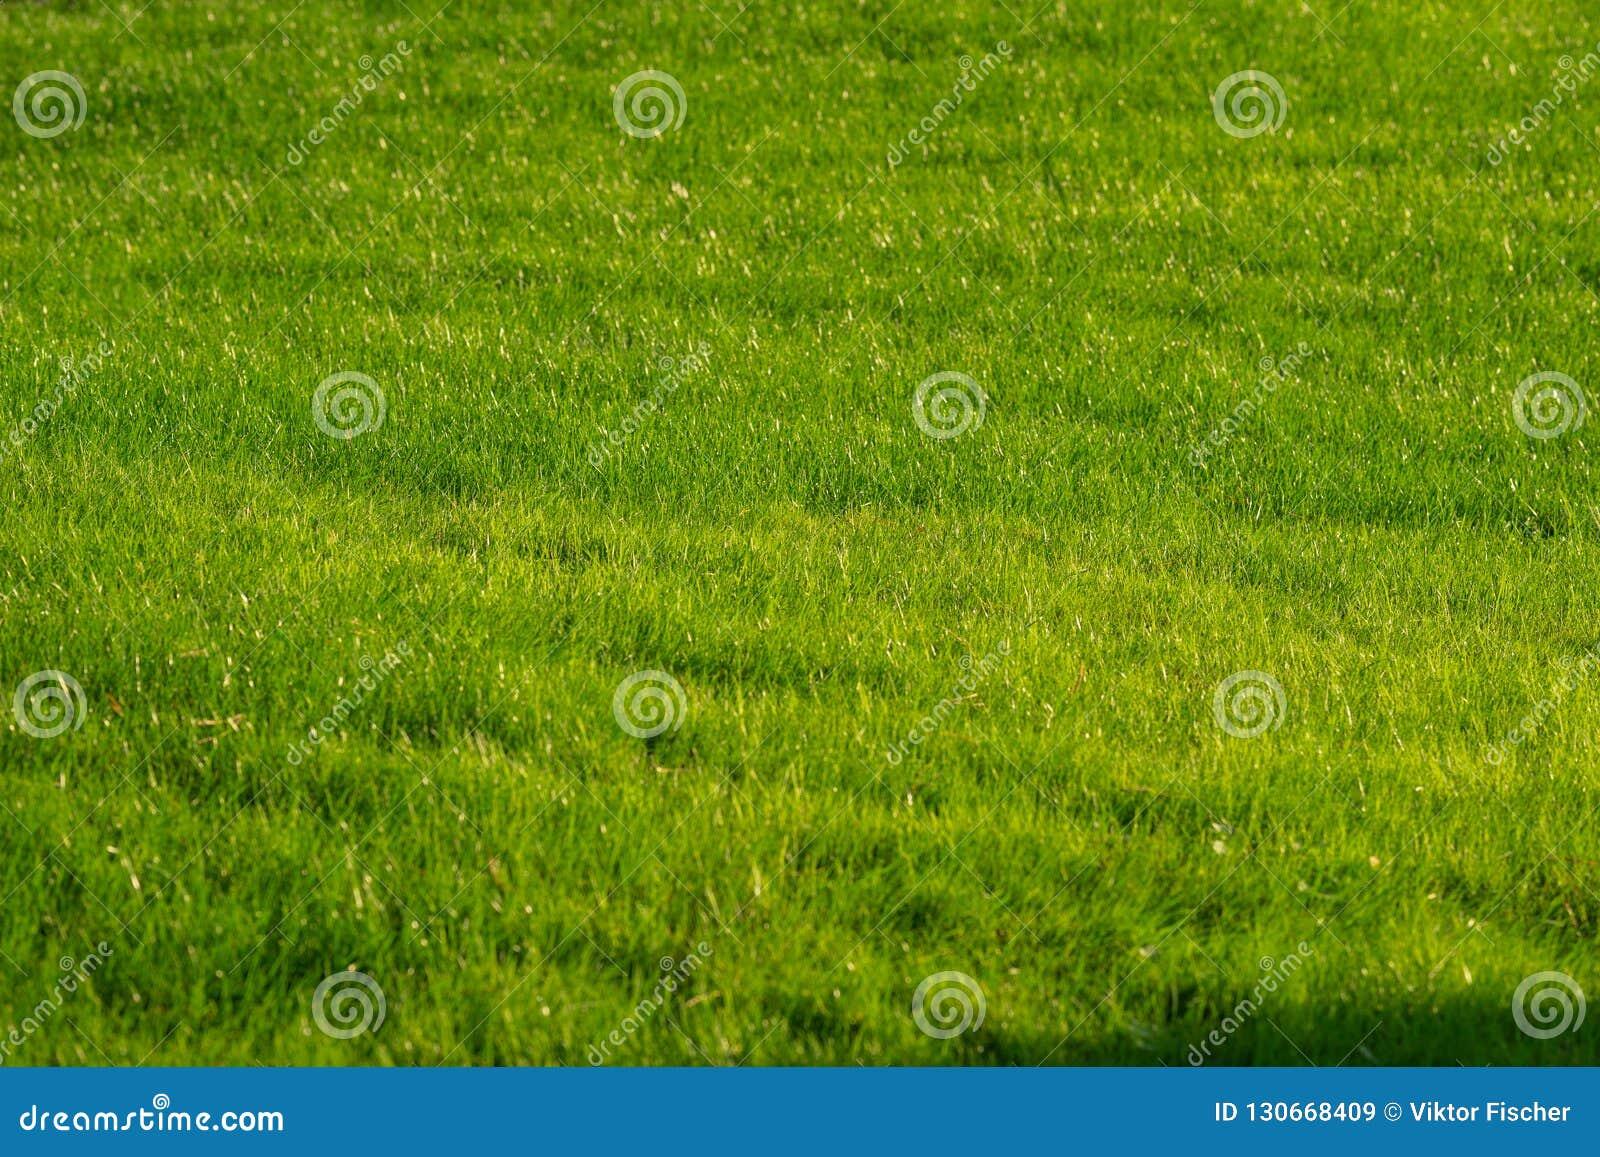 Jardin décoratif vert Paysage neutre avec un champ vert Arbre du paysage Park